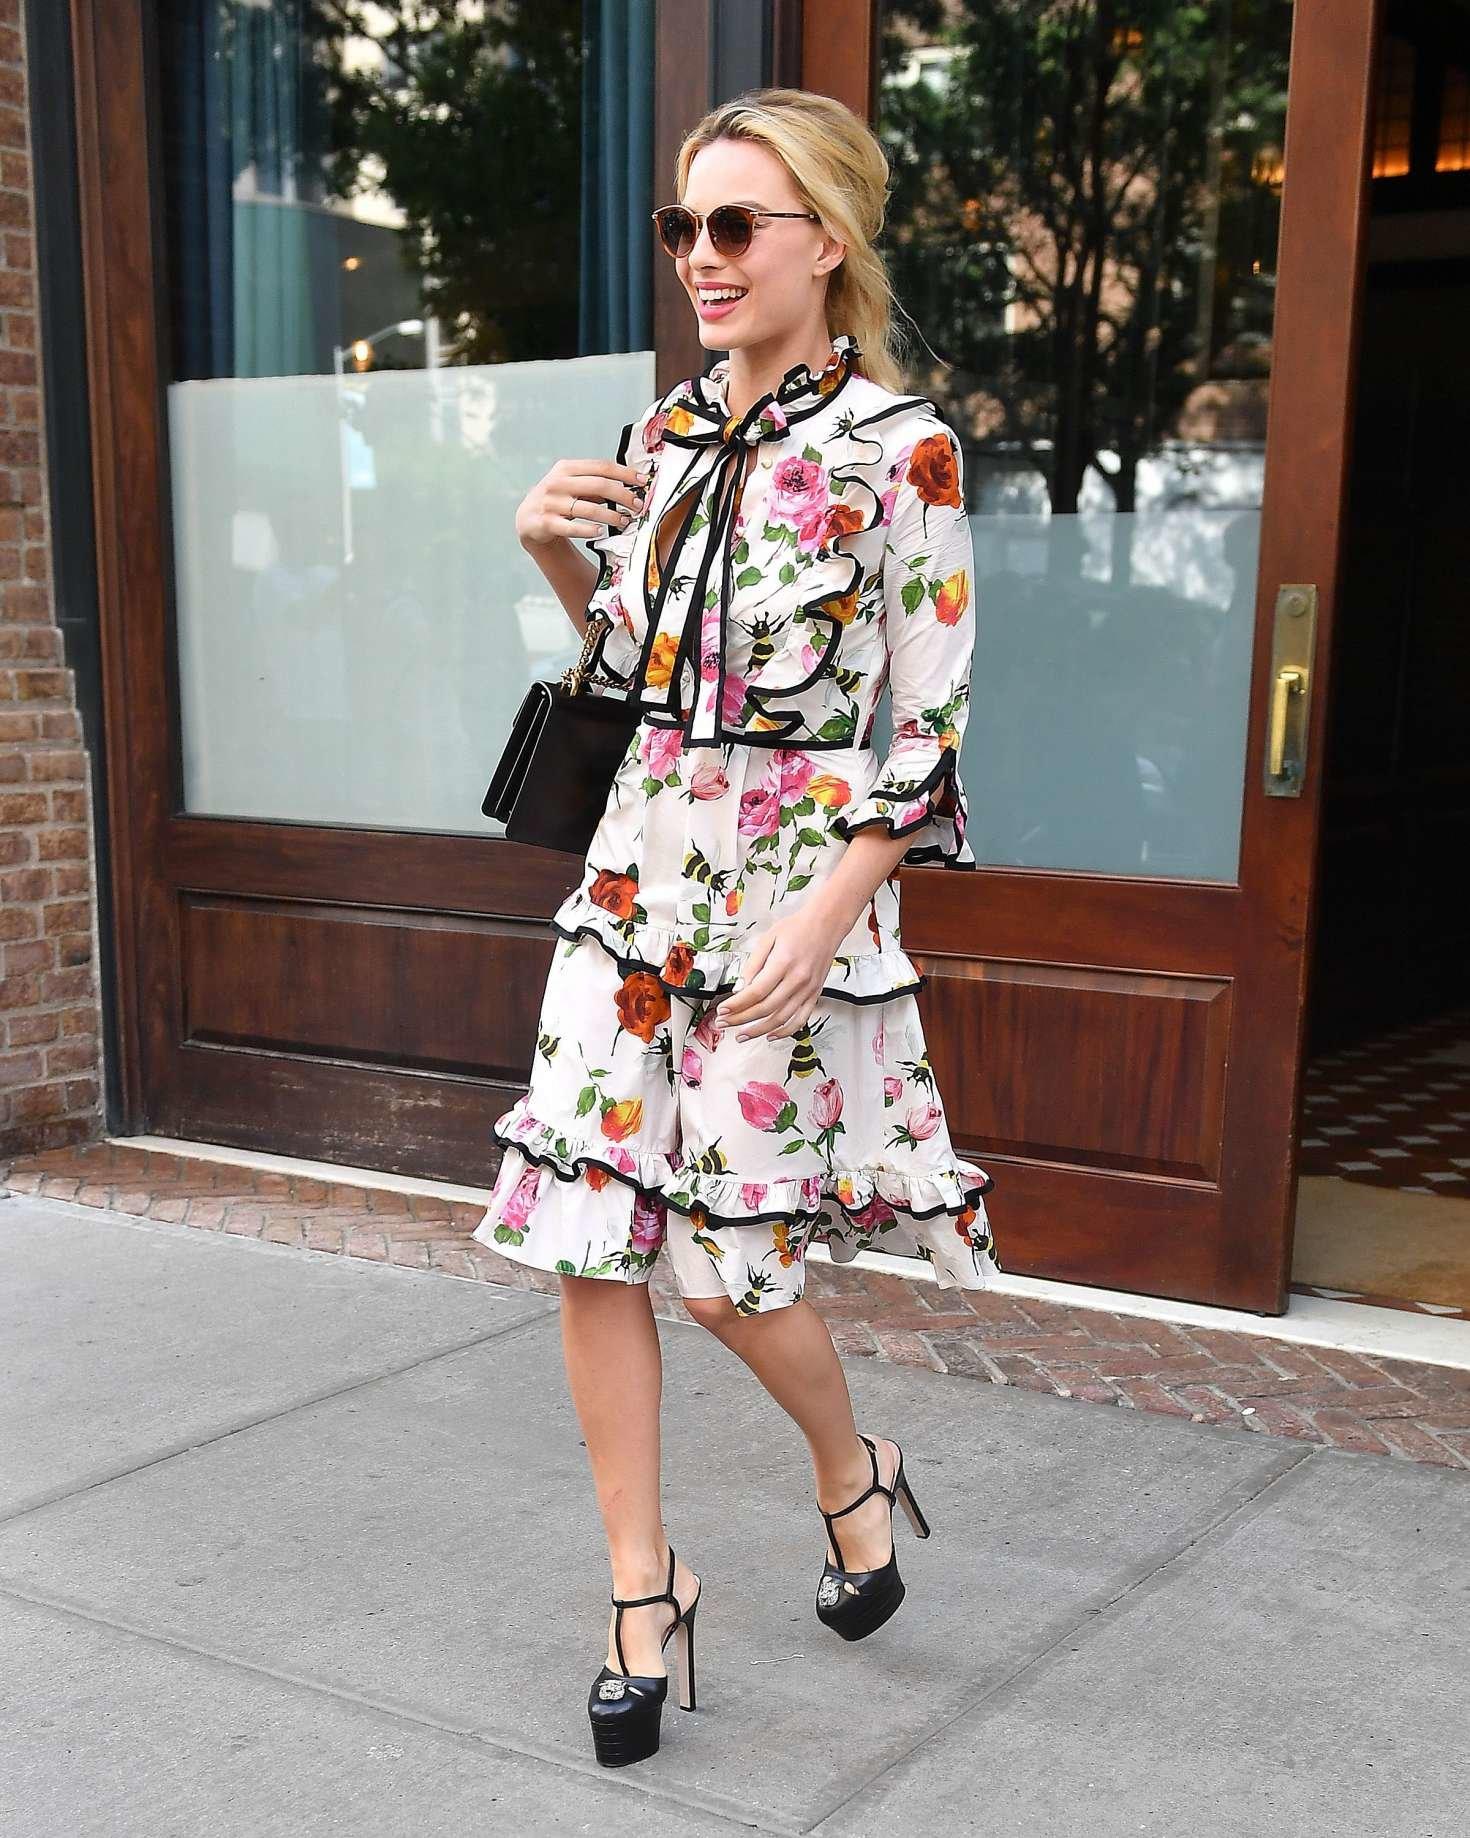 мода для женщин за 50 в 2019 году весна лето: юбка и блузка яркая в цветы